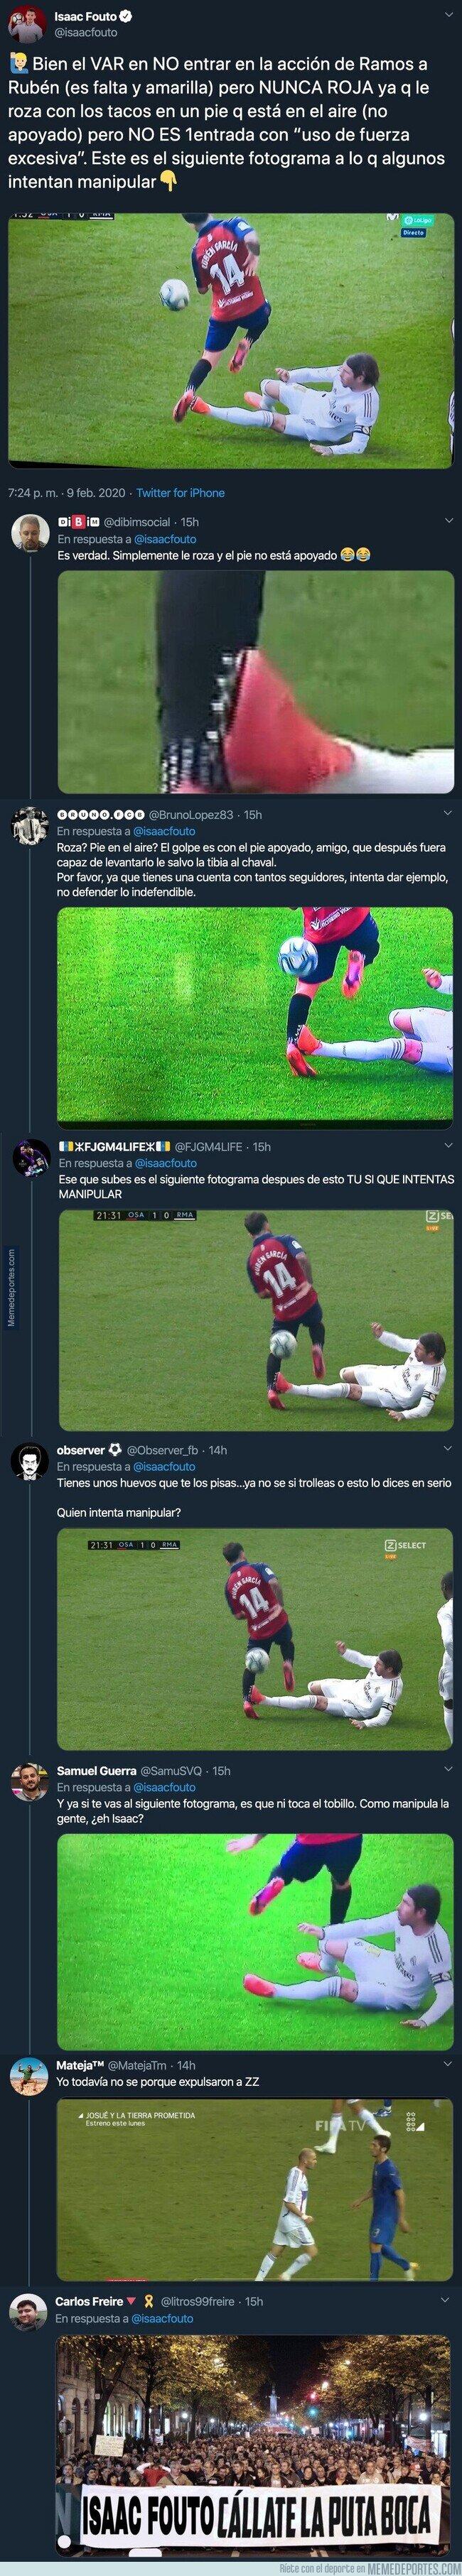 1098058 - El periodista Isaac Fouto intenta manipular descaradament diciendo que Sergio Ramos no golpea al jugador de Osasuna y todo Twitter le retrata